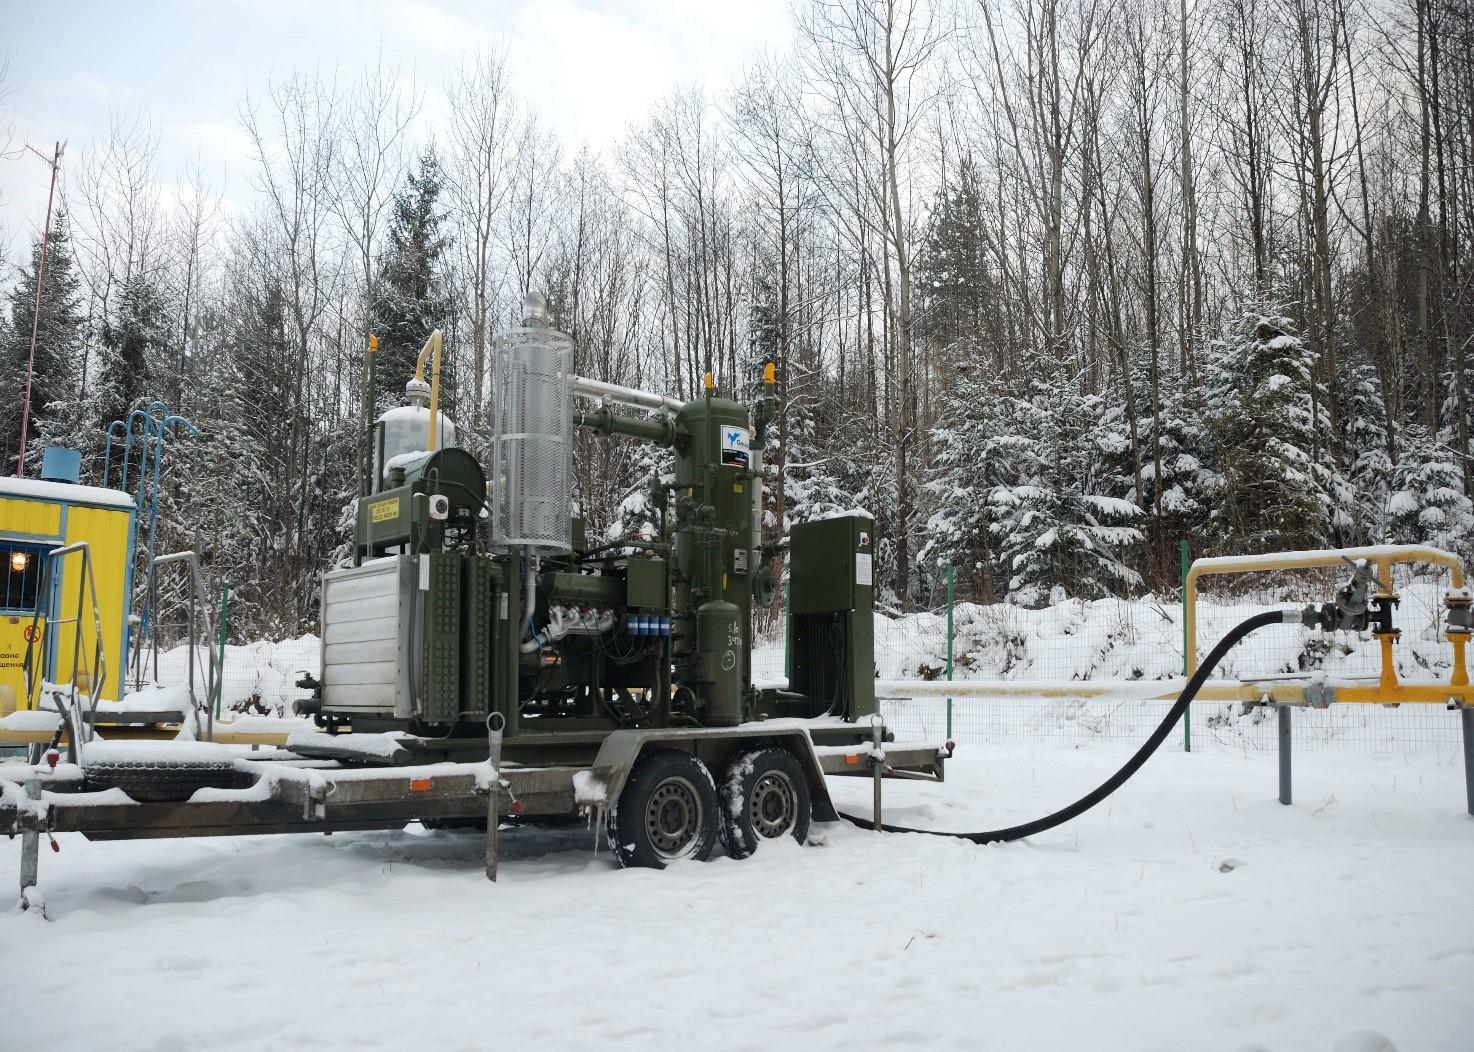 Укргазвидобування запрошує до співпраці за напрямком оренди малодожимних компресорних станцій (МДКС)